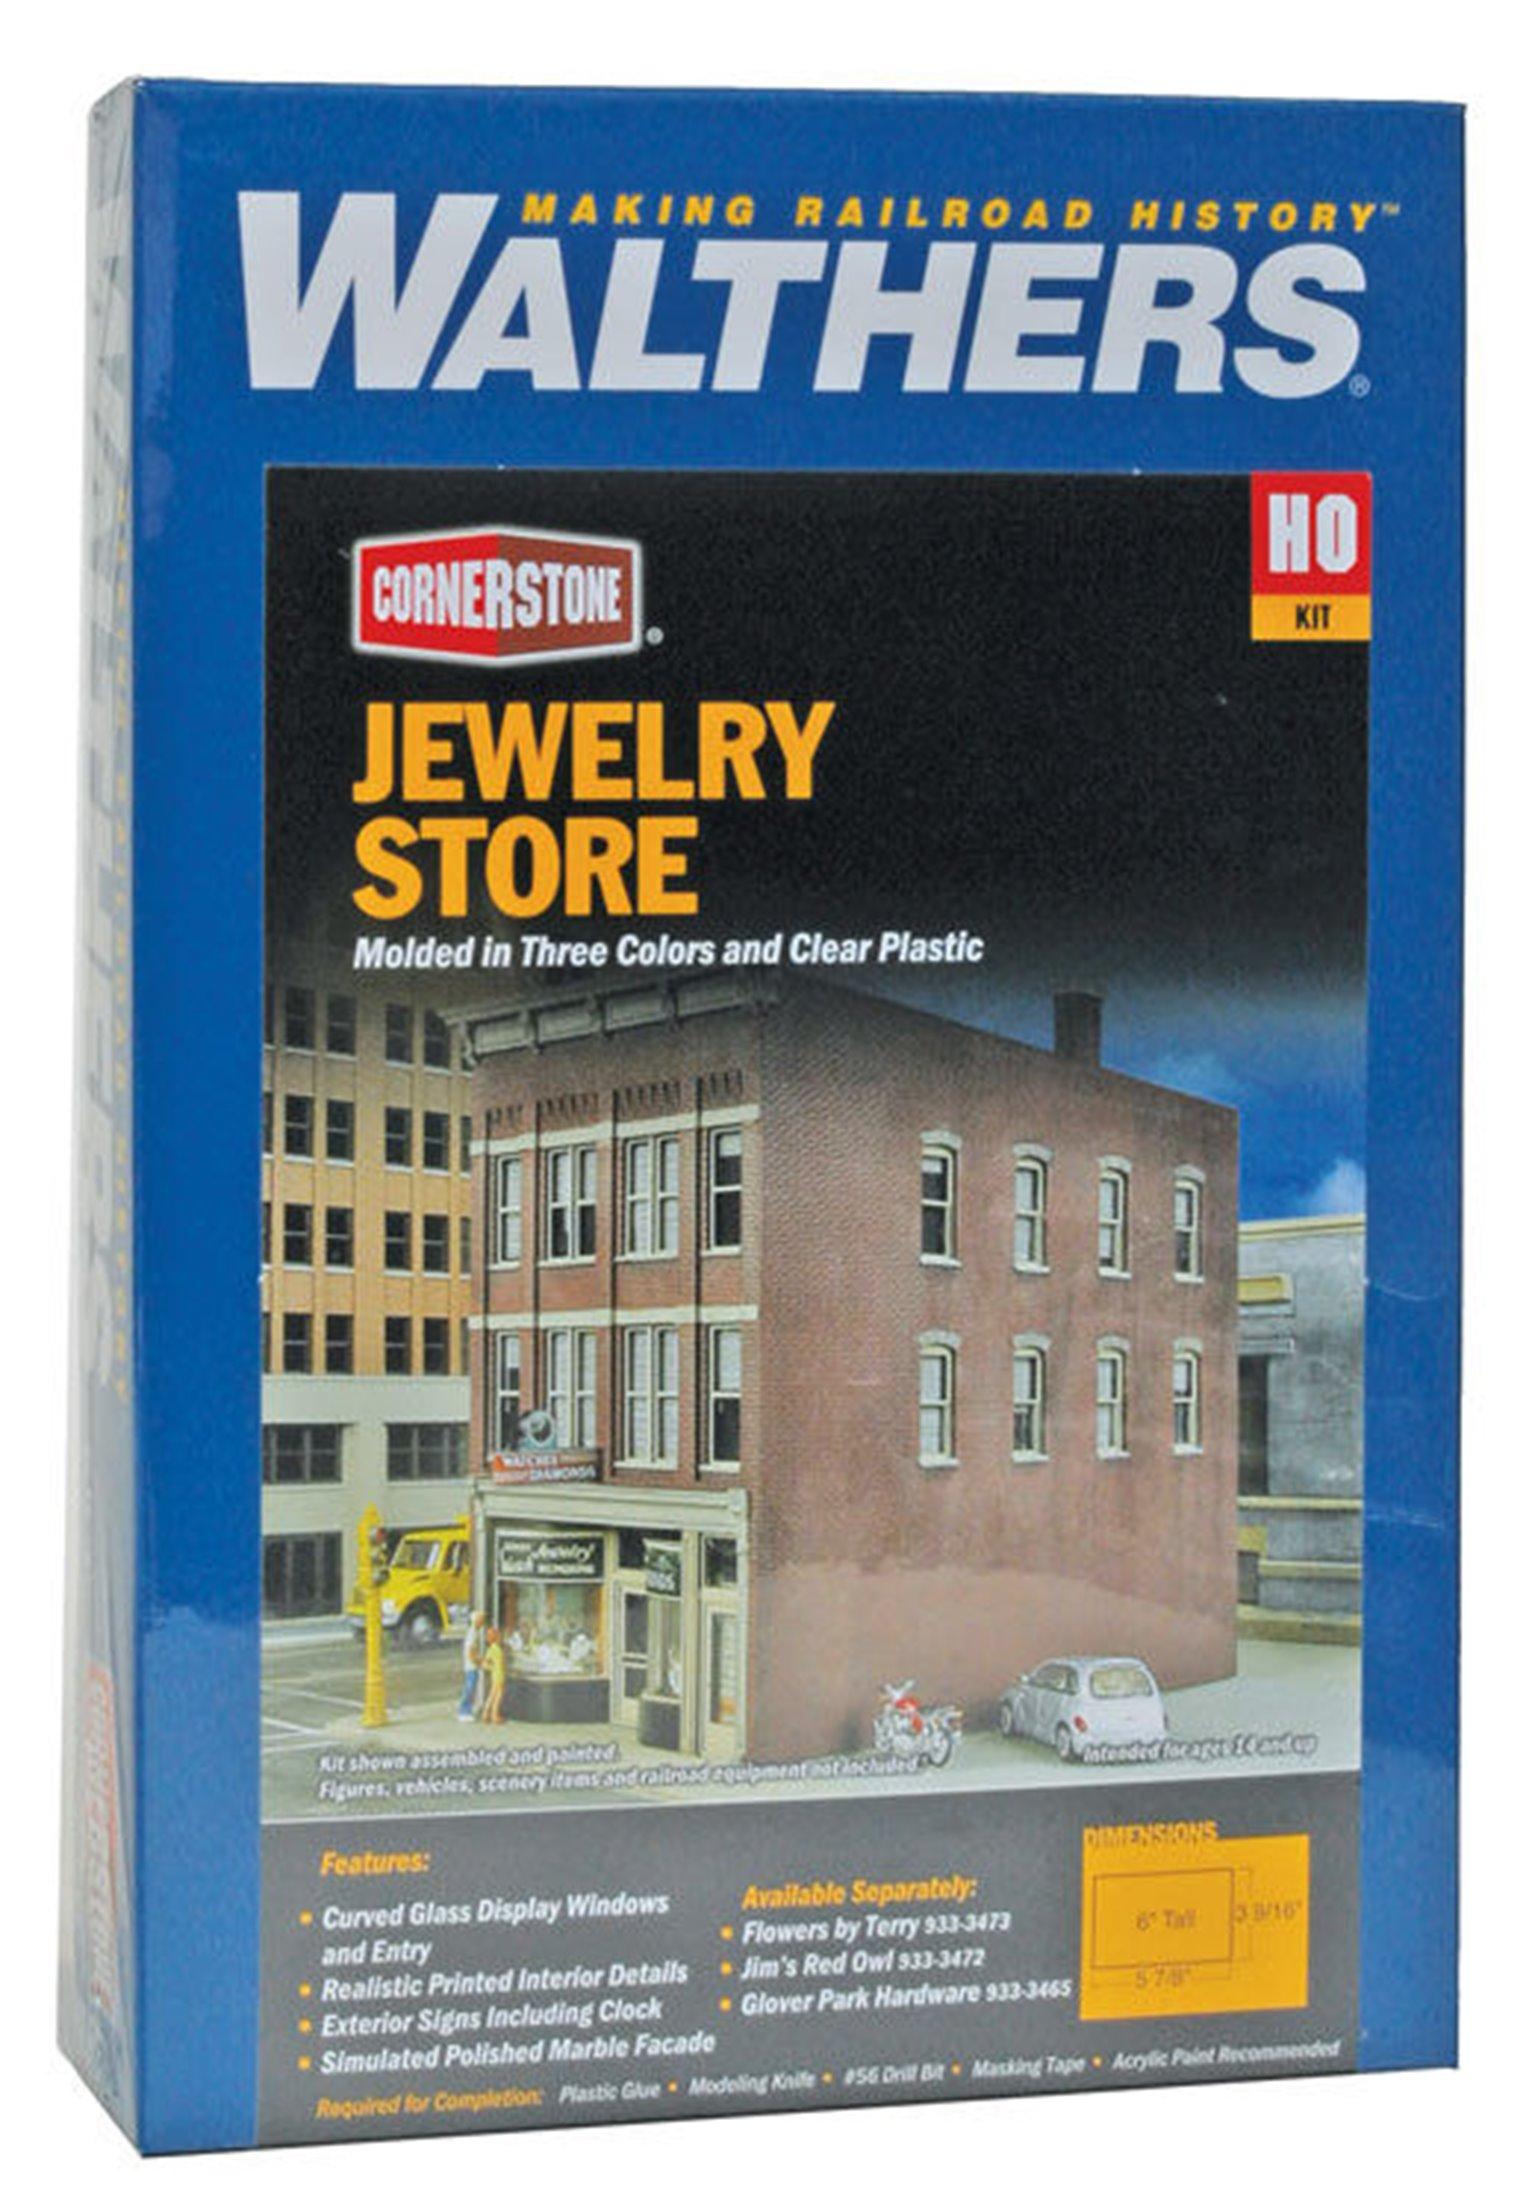 Jewelery Store Kit